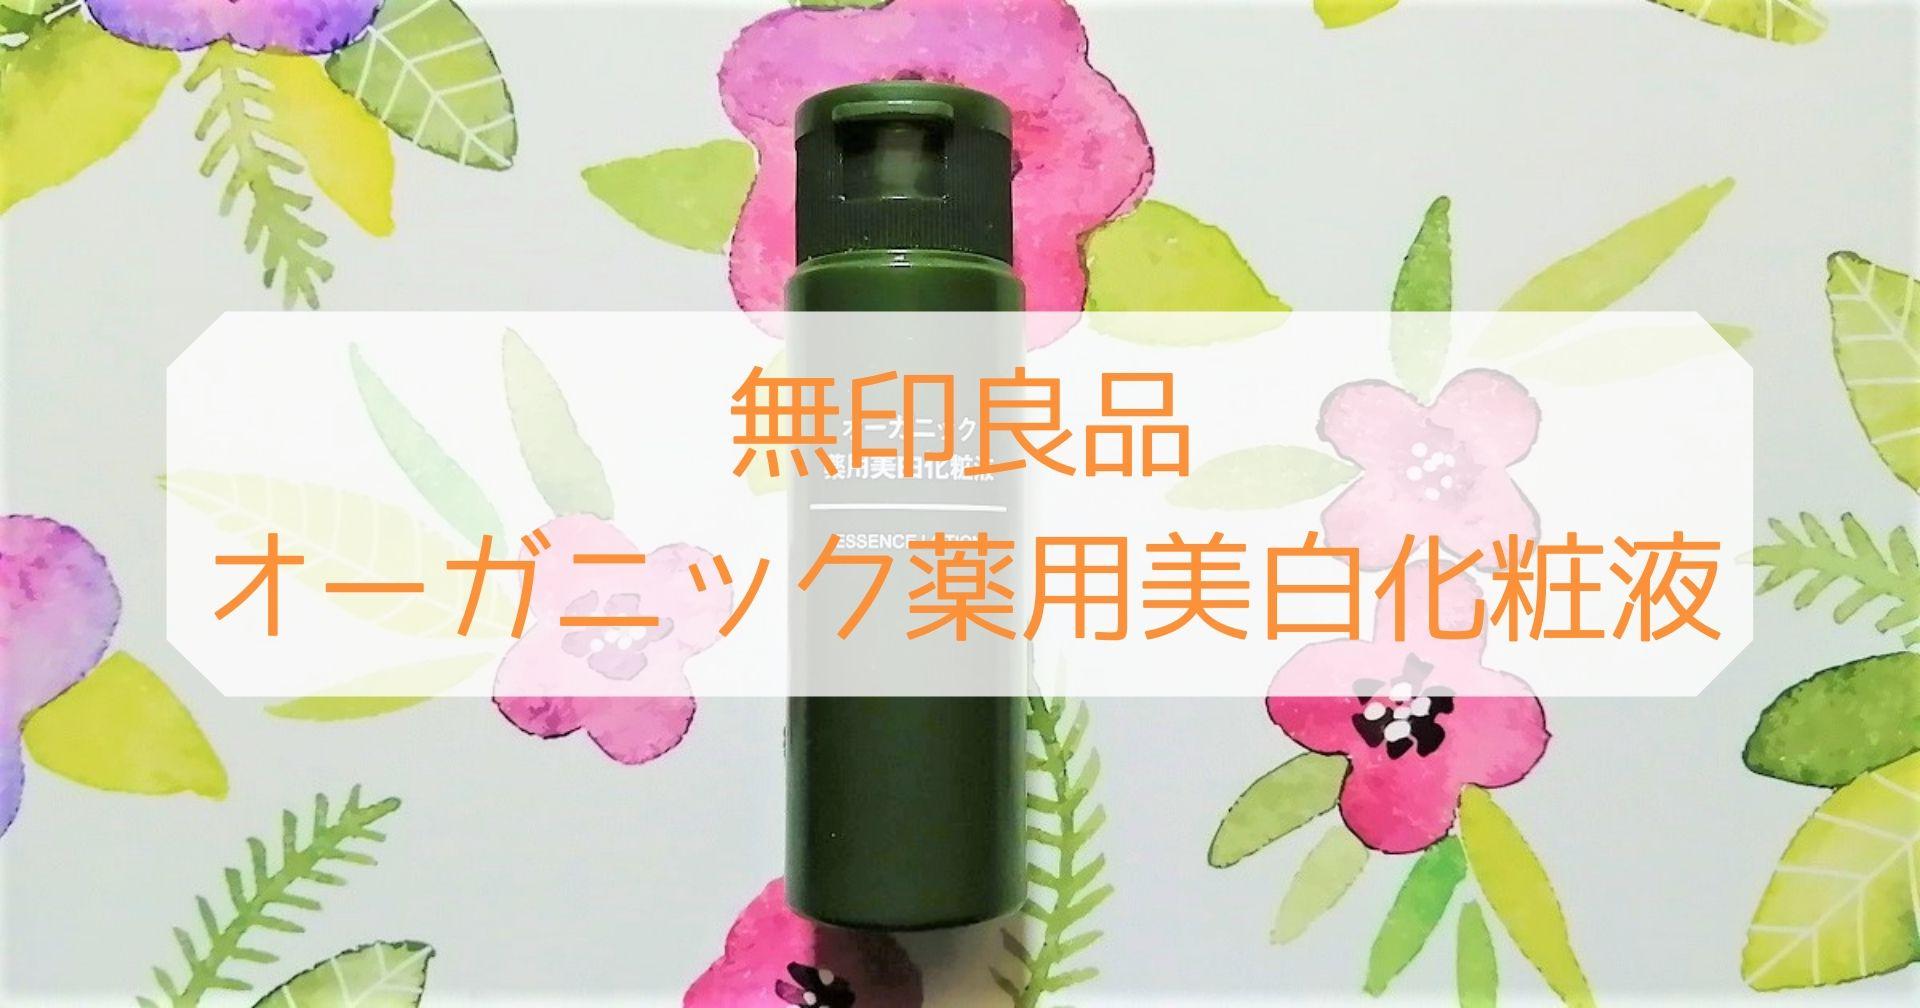 無印良品_オーガニック化粧液_アイキャッチ